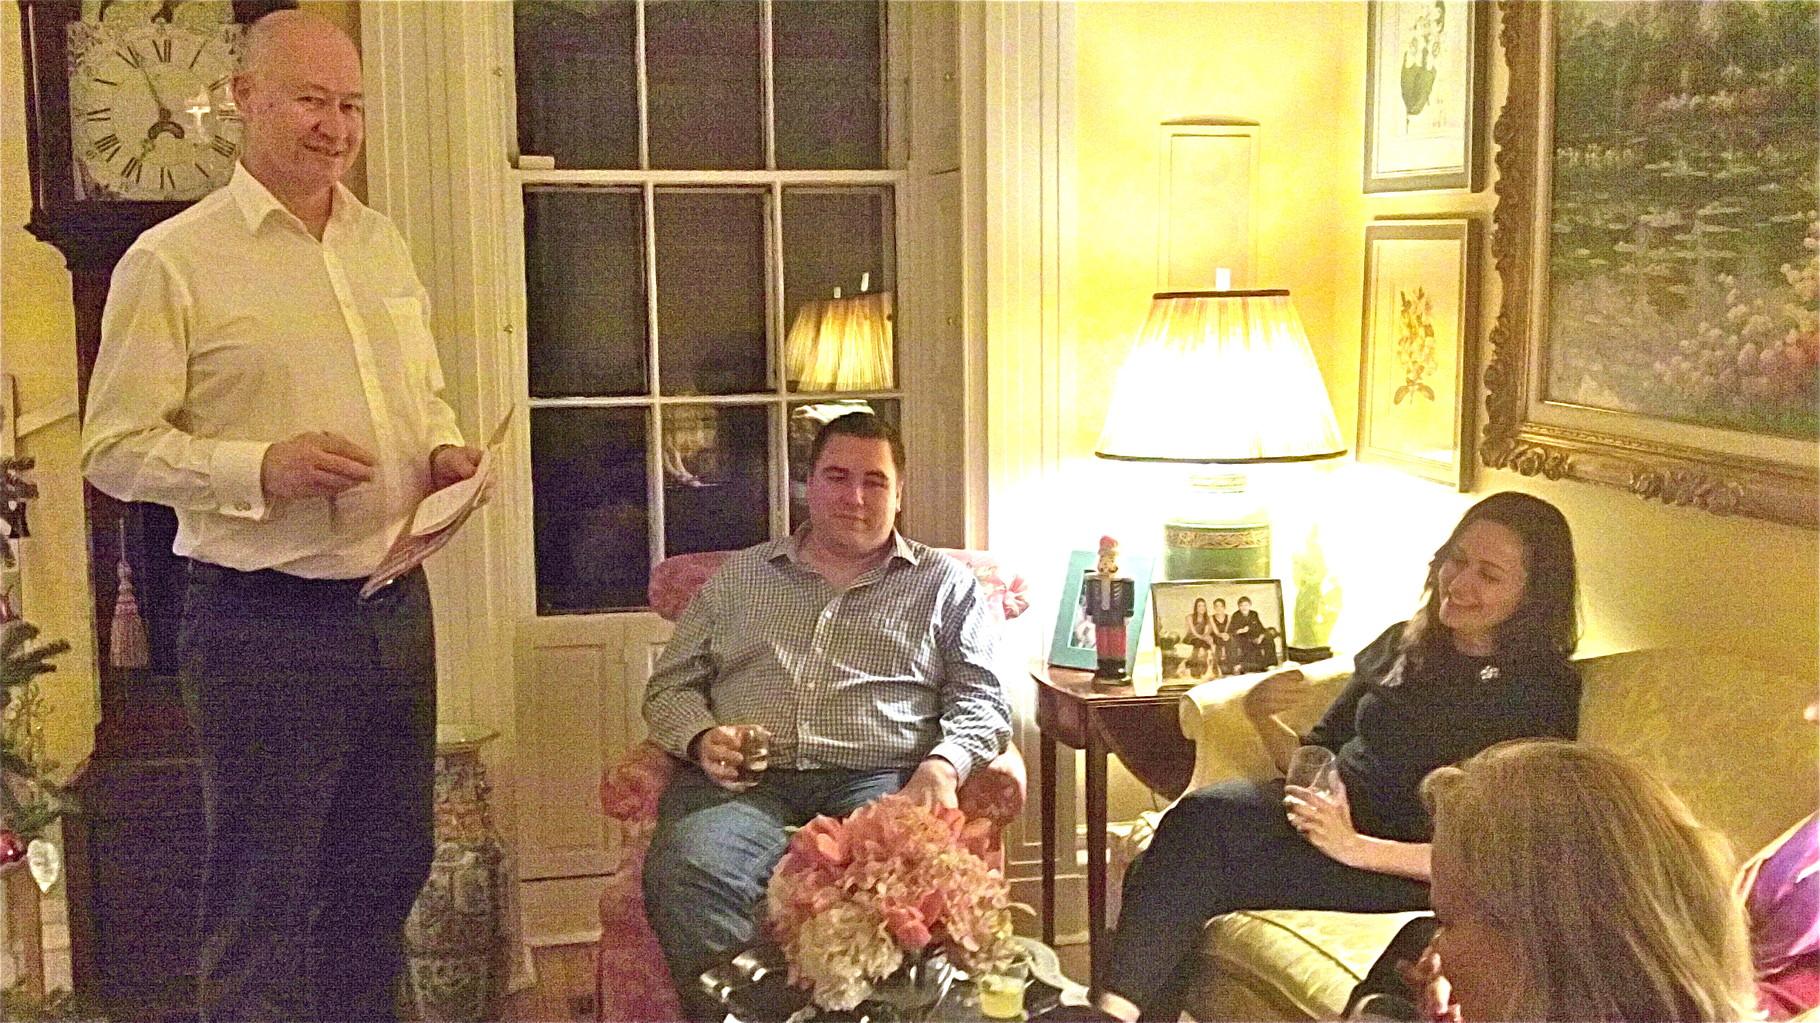 Jack Donohoe, Greg Wagner, & Allie Kagel